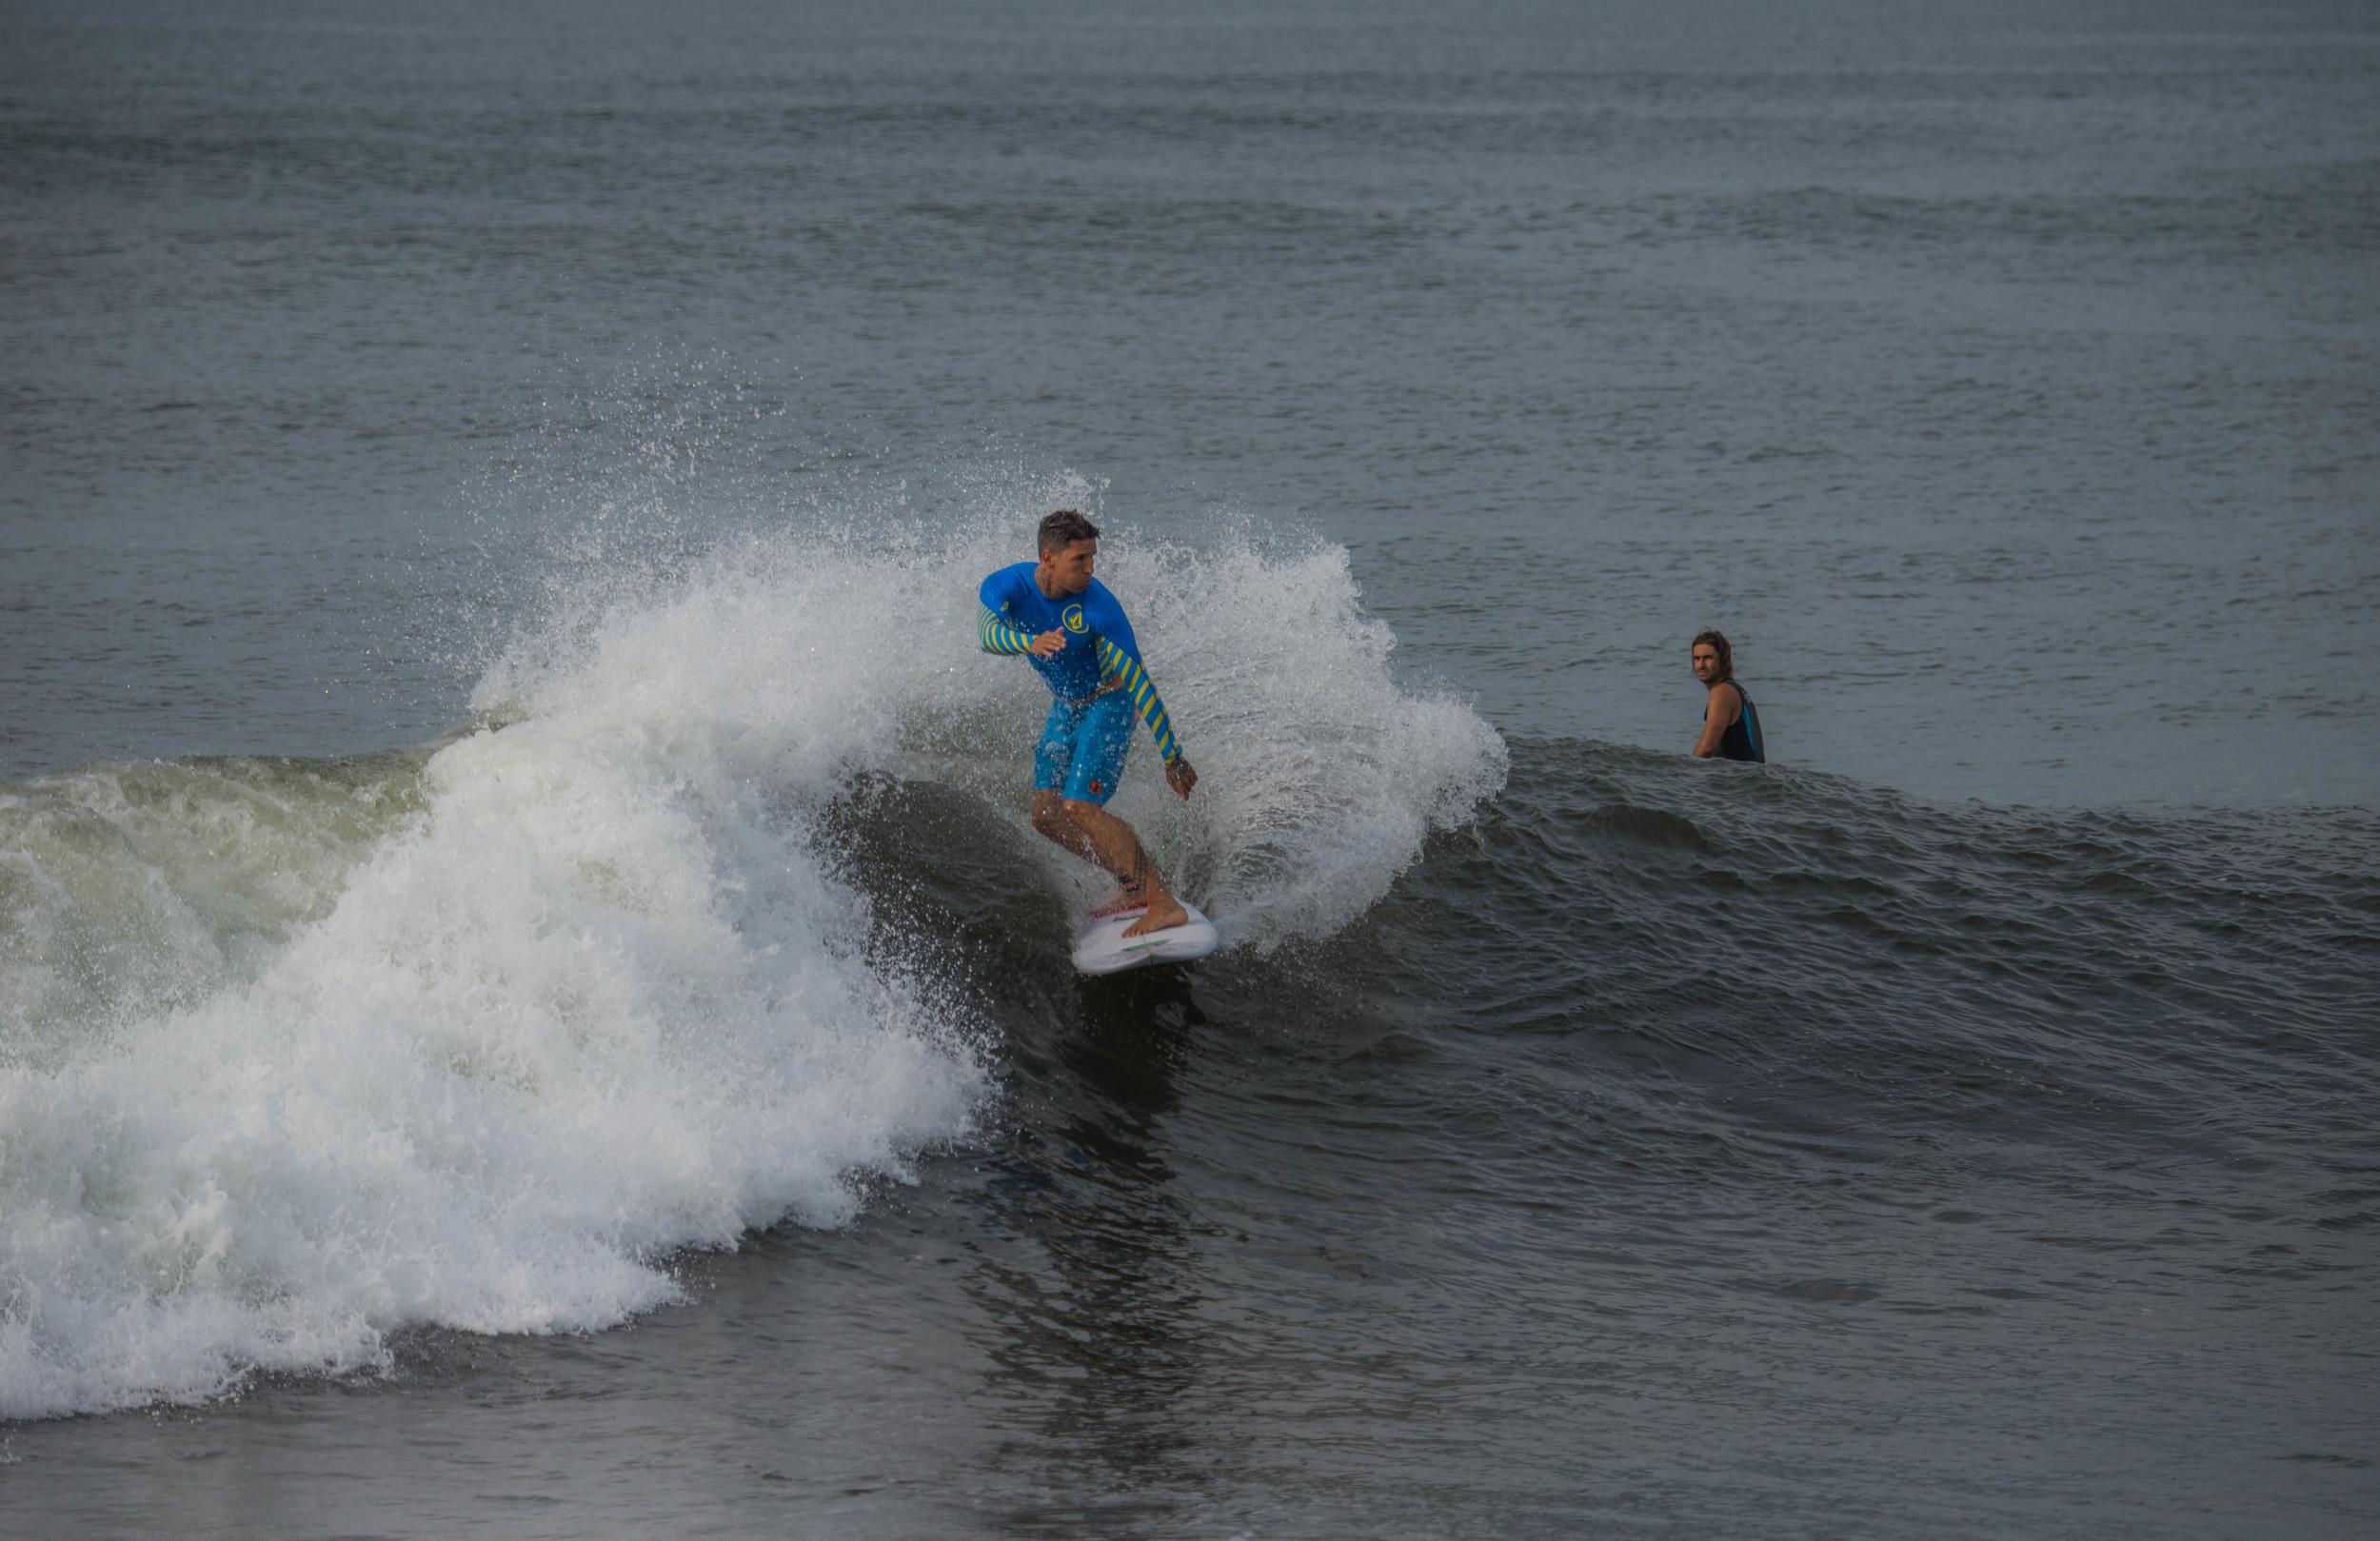 Surfer: Ozzie // Photo: AW